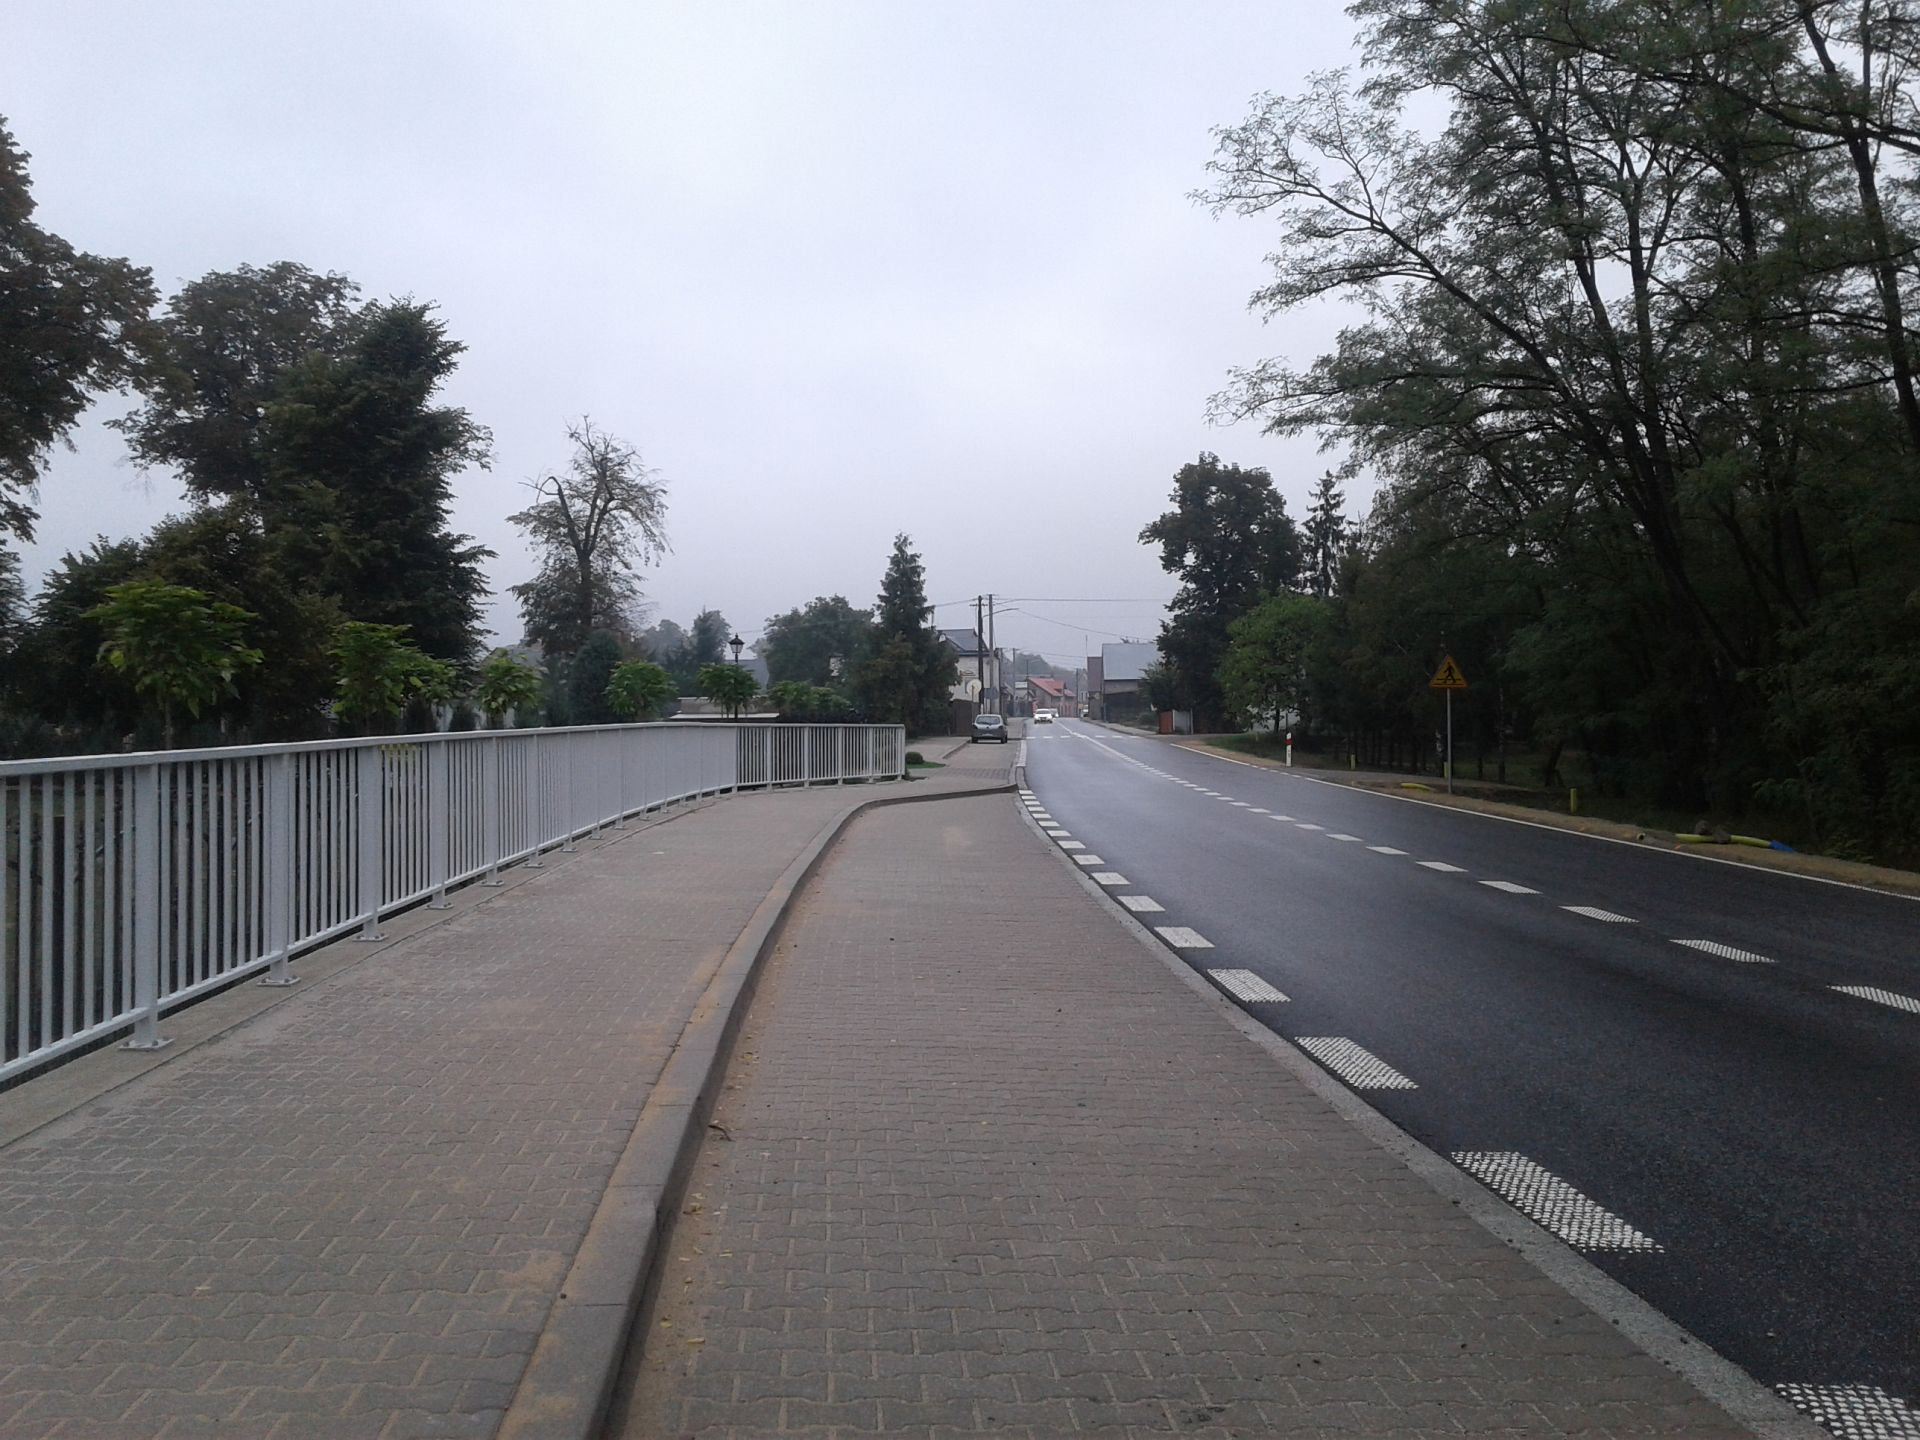 W ramach inwestycji powstały chodniki, ścieżki pieszo-rowerowe i zatoki autobusowe oraz elementy bezpieczeństwa ruchu (fot. wzdw.pl)